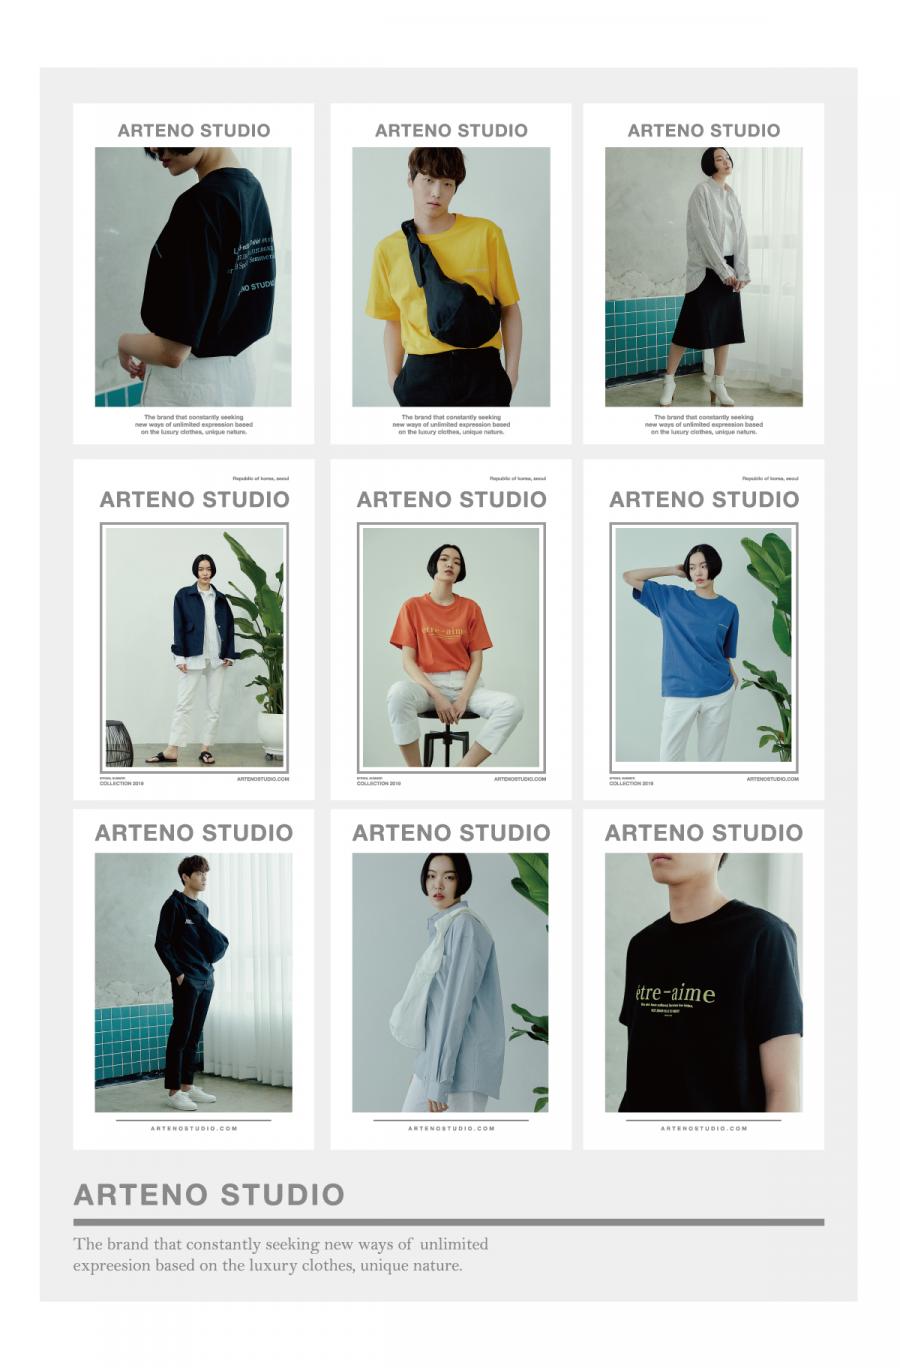 아르테노 스튜디오(ARTENO STUDIO) 20수 오버사이트 아트웍 티셔츠(블랙)